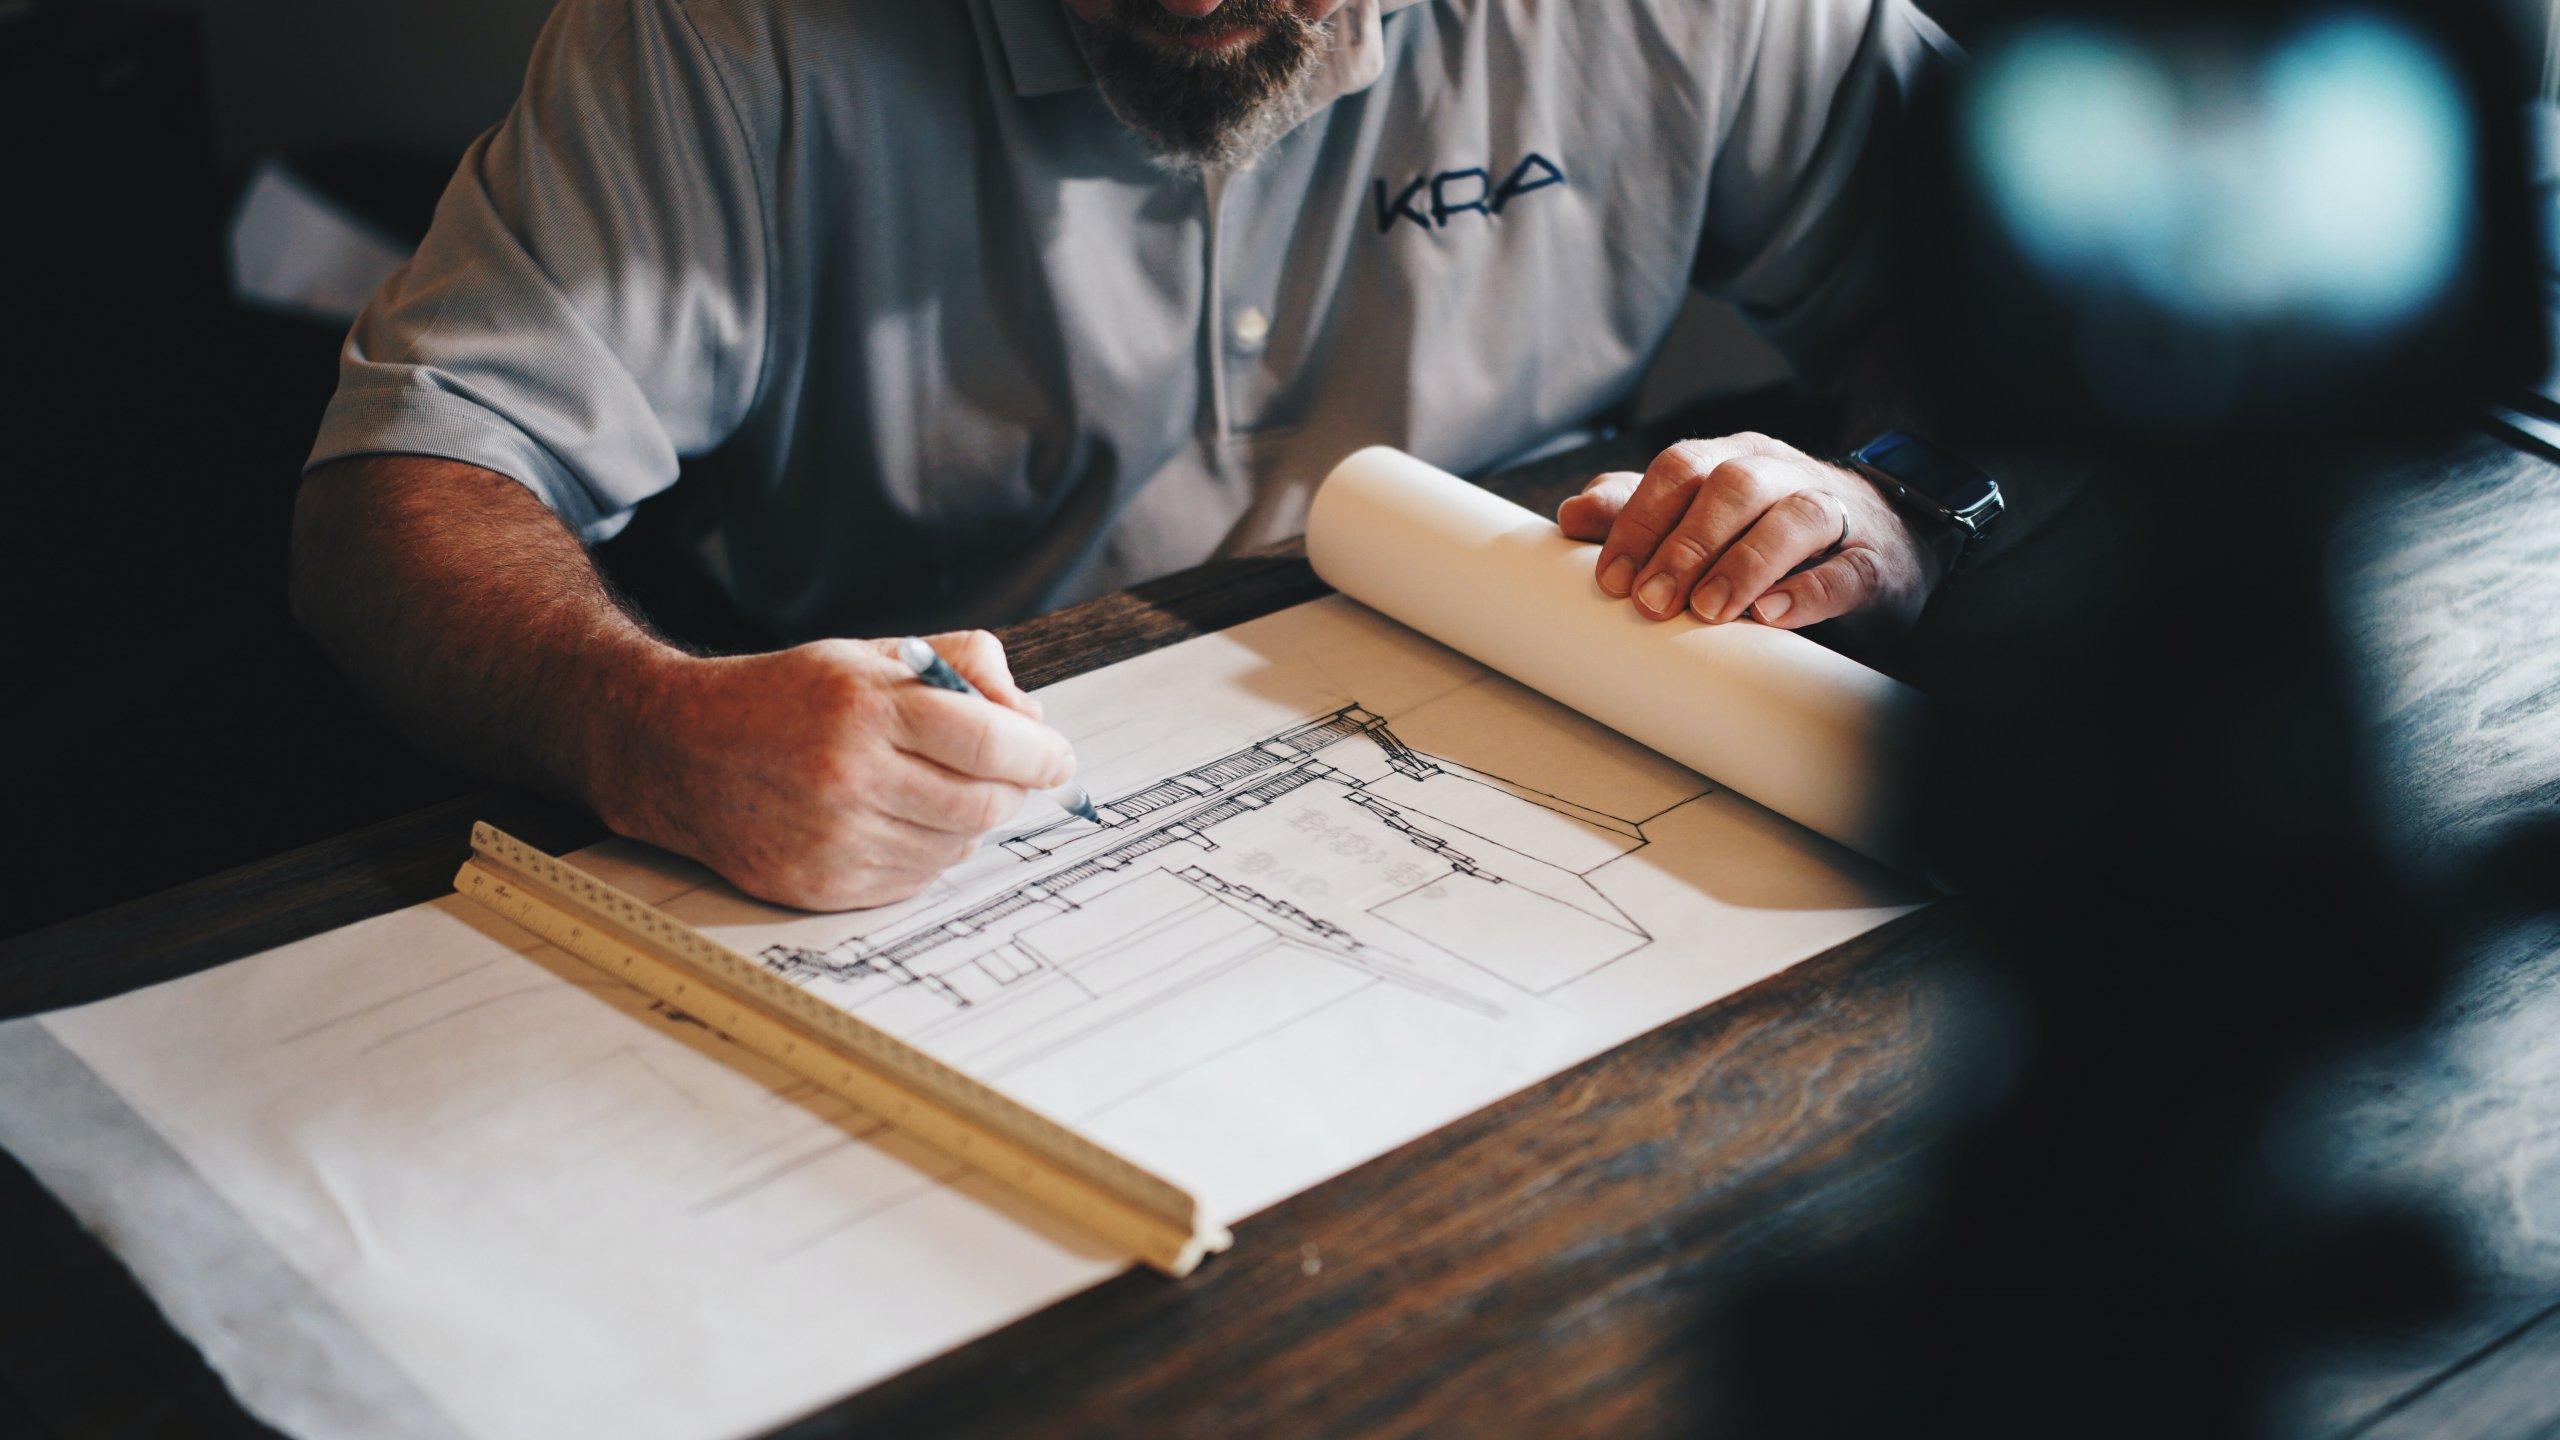 Je li studij arhitekture dovoljno dobro izveden? Studenti kažu da je pandemija malo poljuljala sve